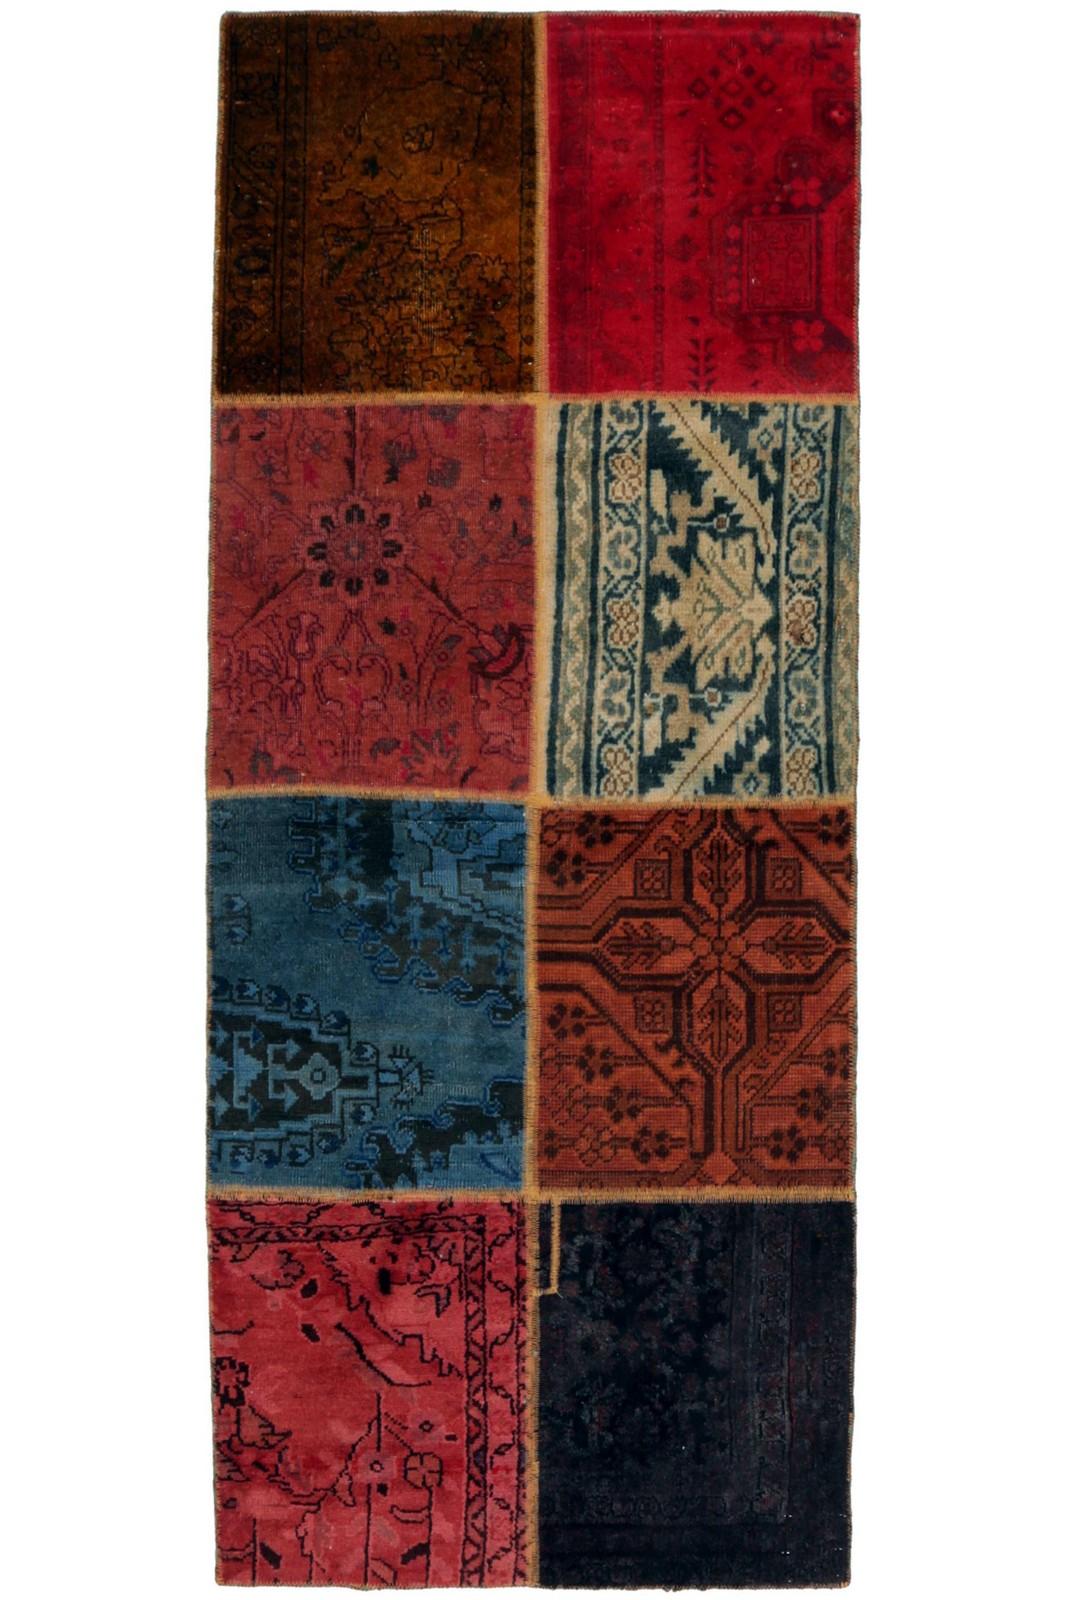 Persisk Patchwork løber, 203 x 83 cm - Persisk Patchwork løber, fremstillet af persiske vintage fragmenter. 203 x 83 cm